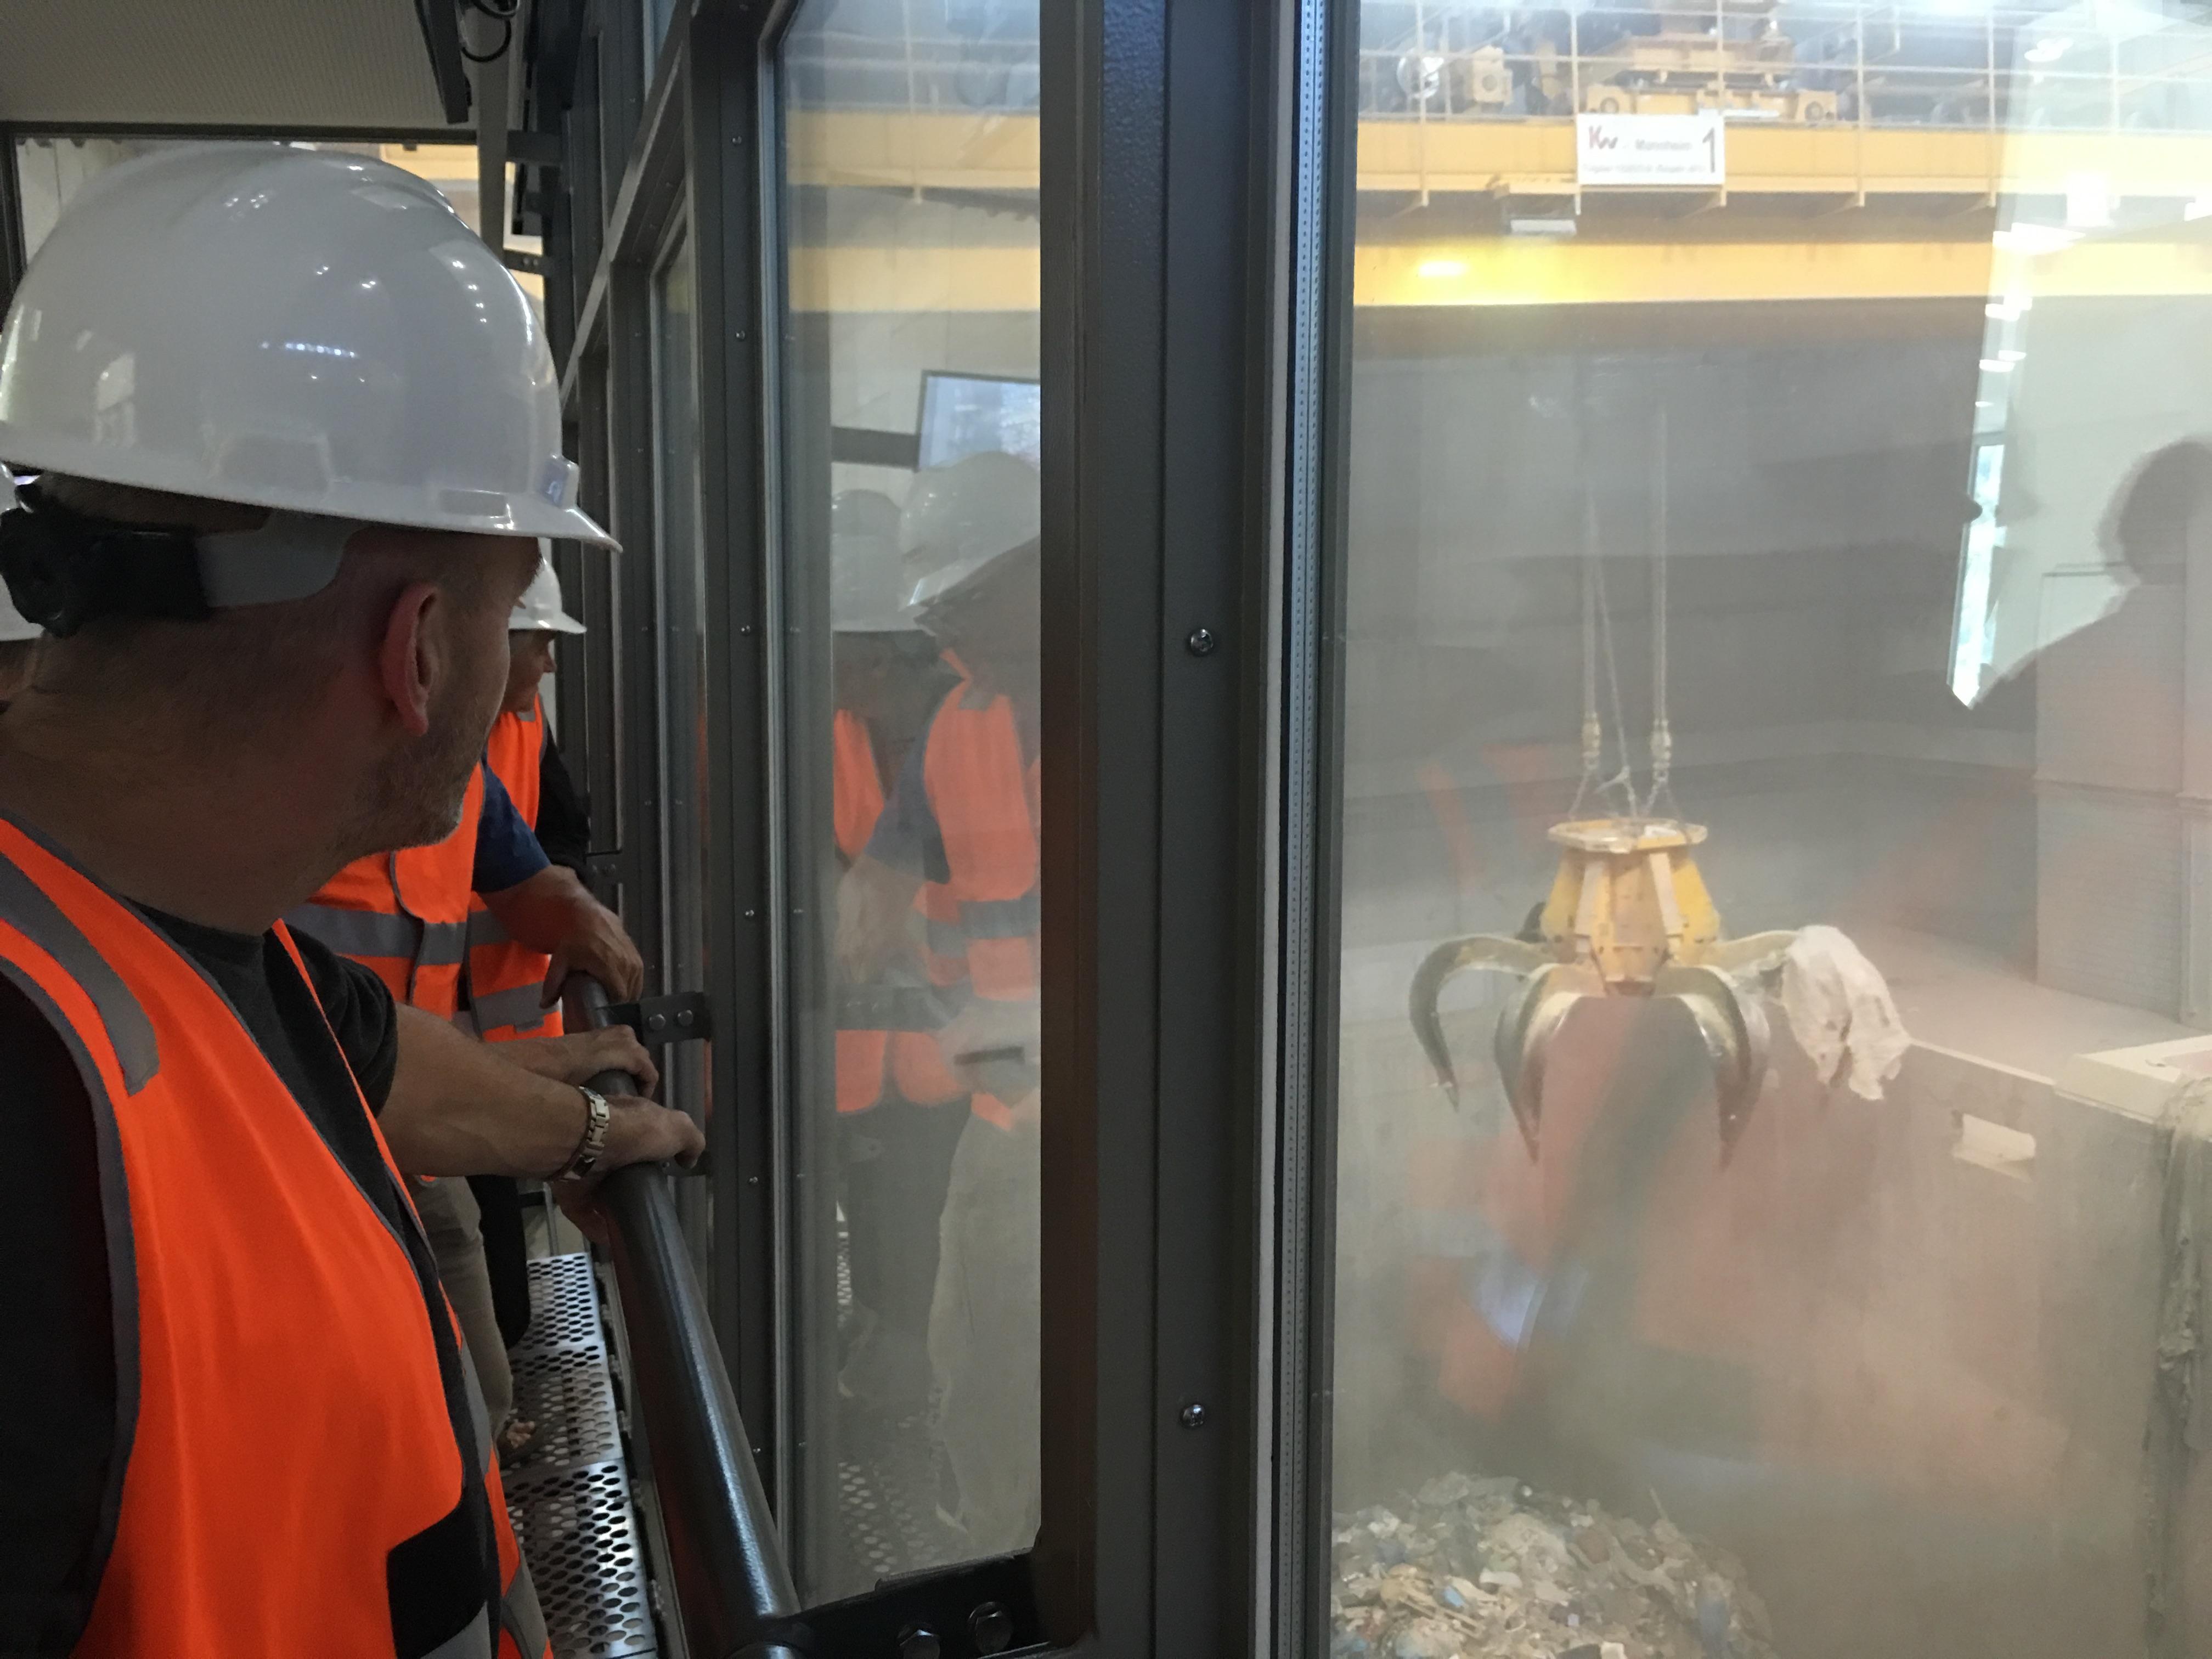 Der angelieferte Müll wird vollautomatisch verteilt, umgeschichtet und in die Brennkammern befördert.